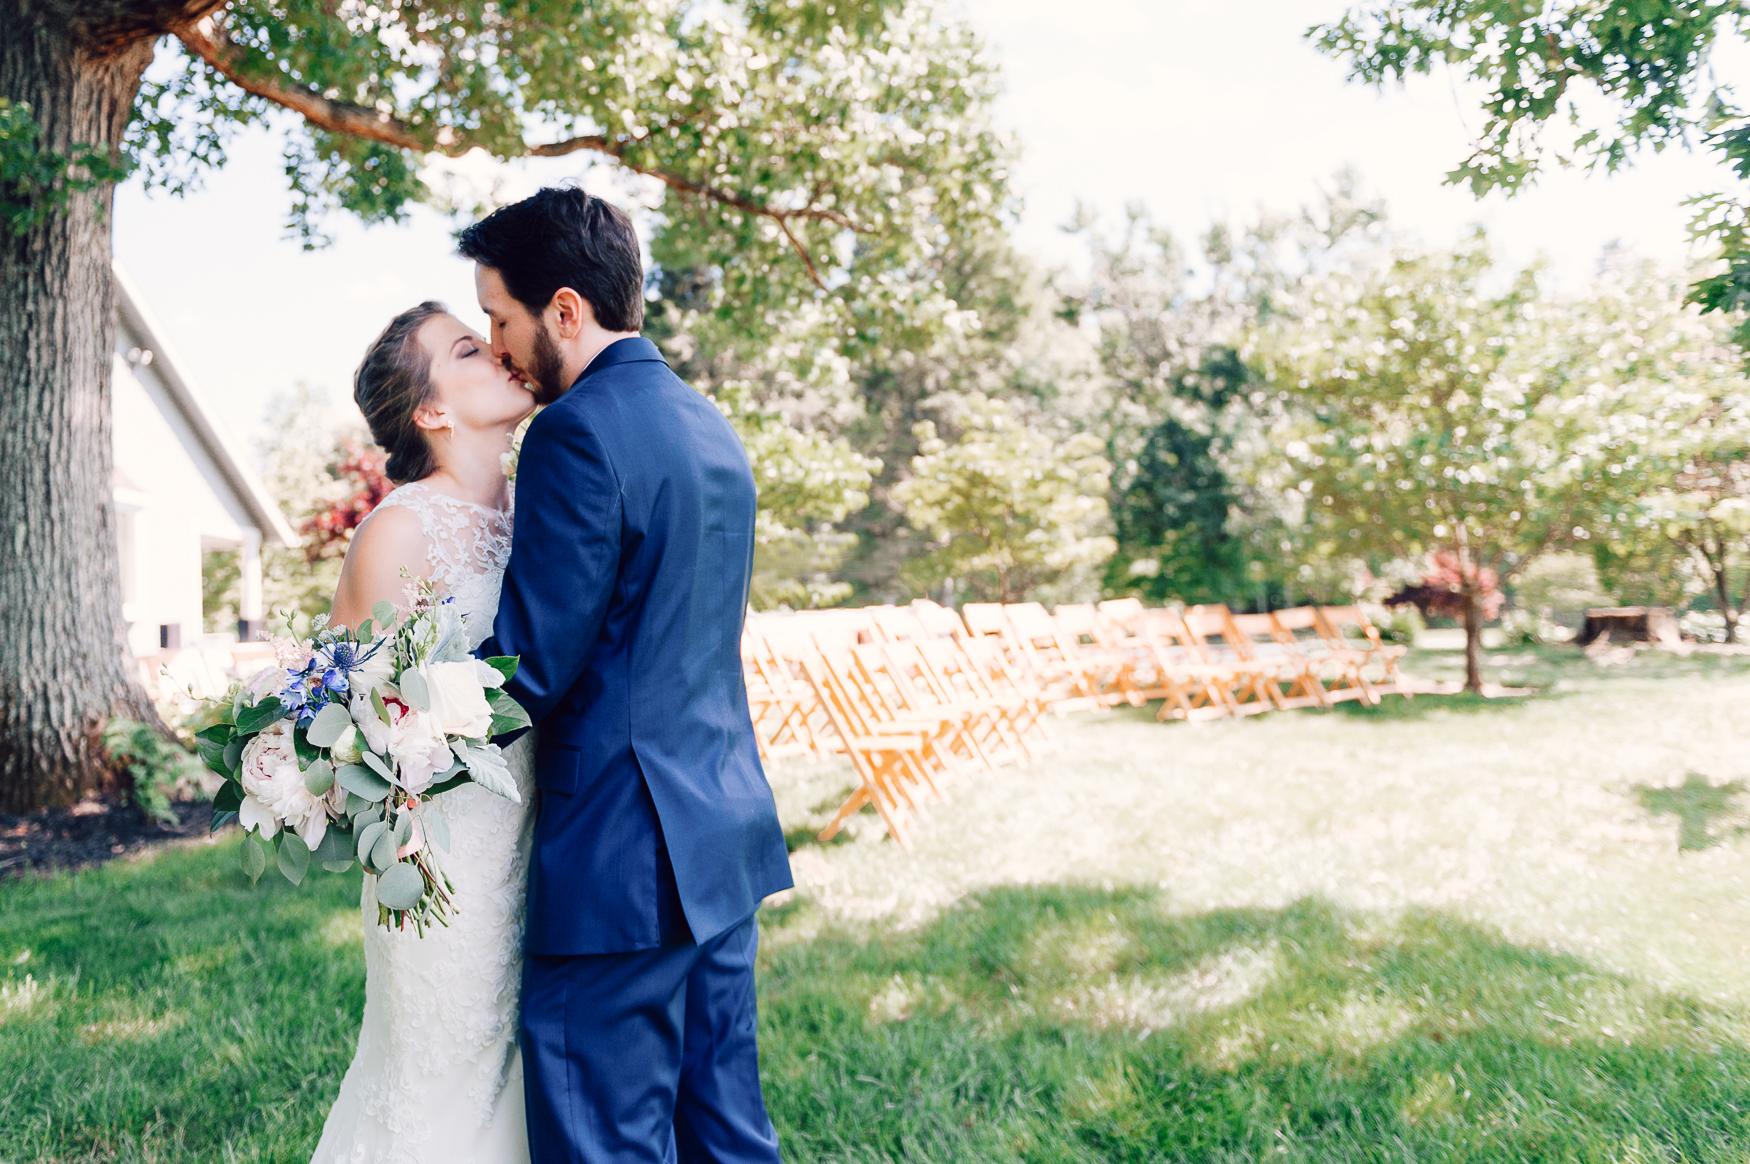 charlottesvillewedding_backyardwedding_virginia_youseephotography_CaitlinDerek (15).jpg